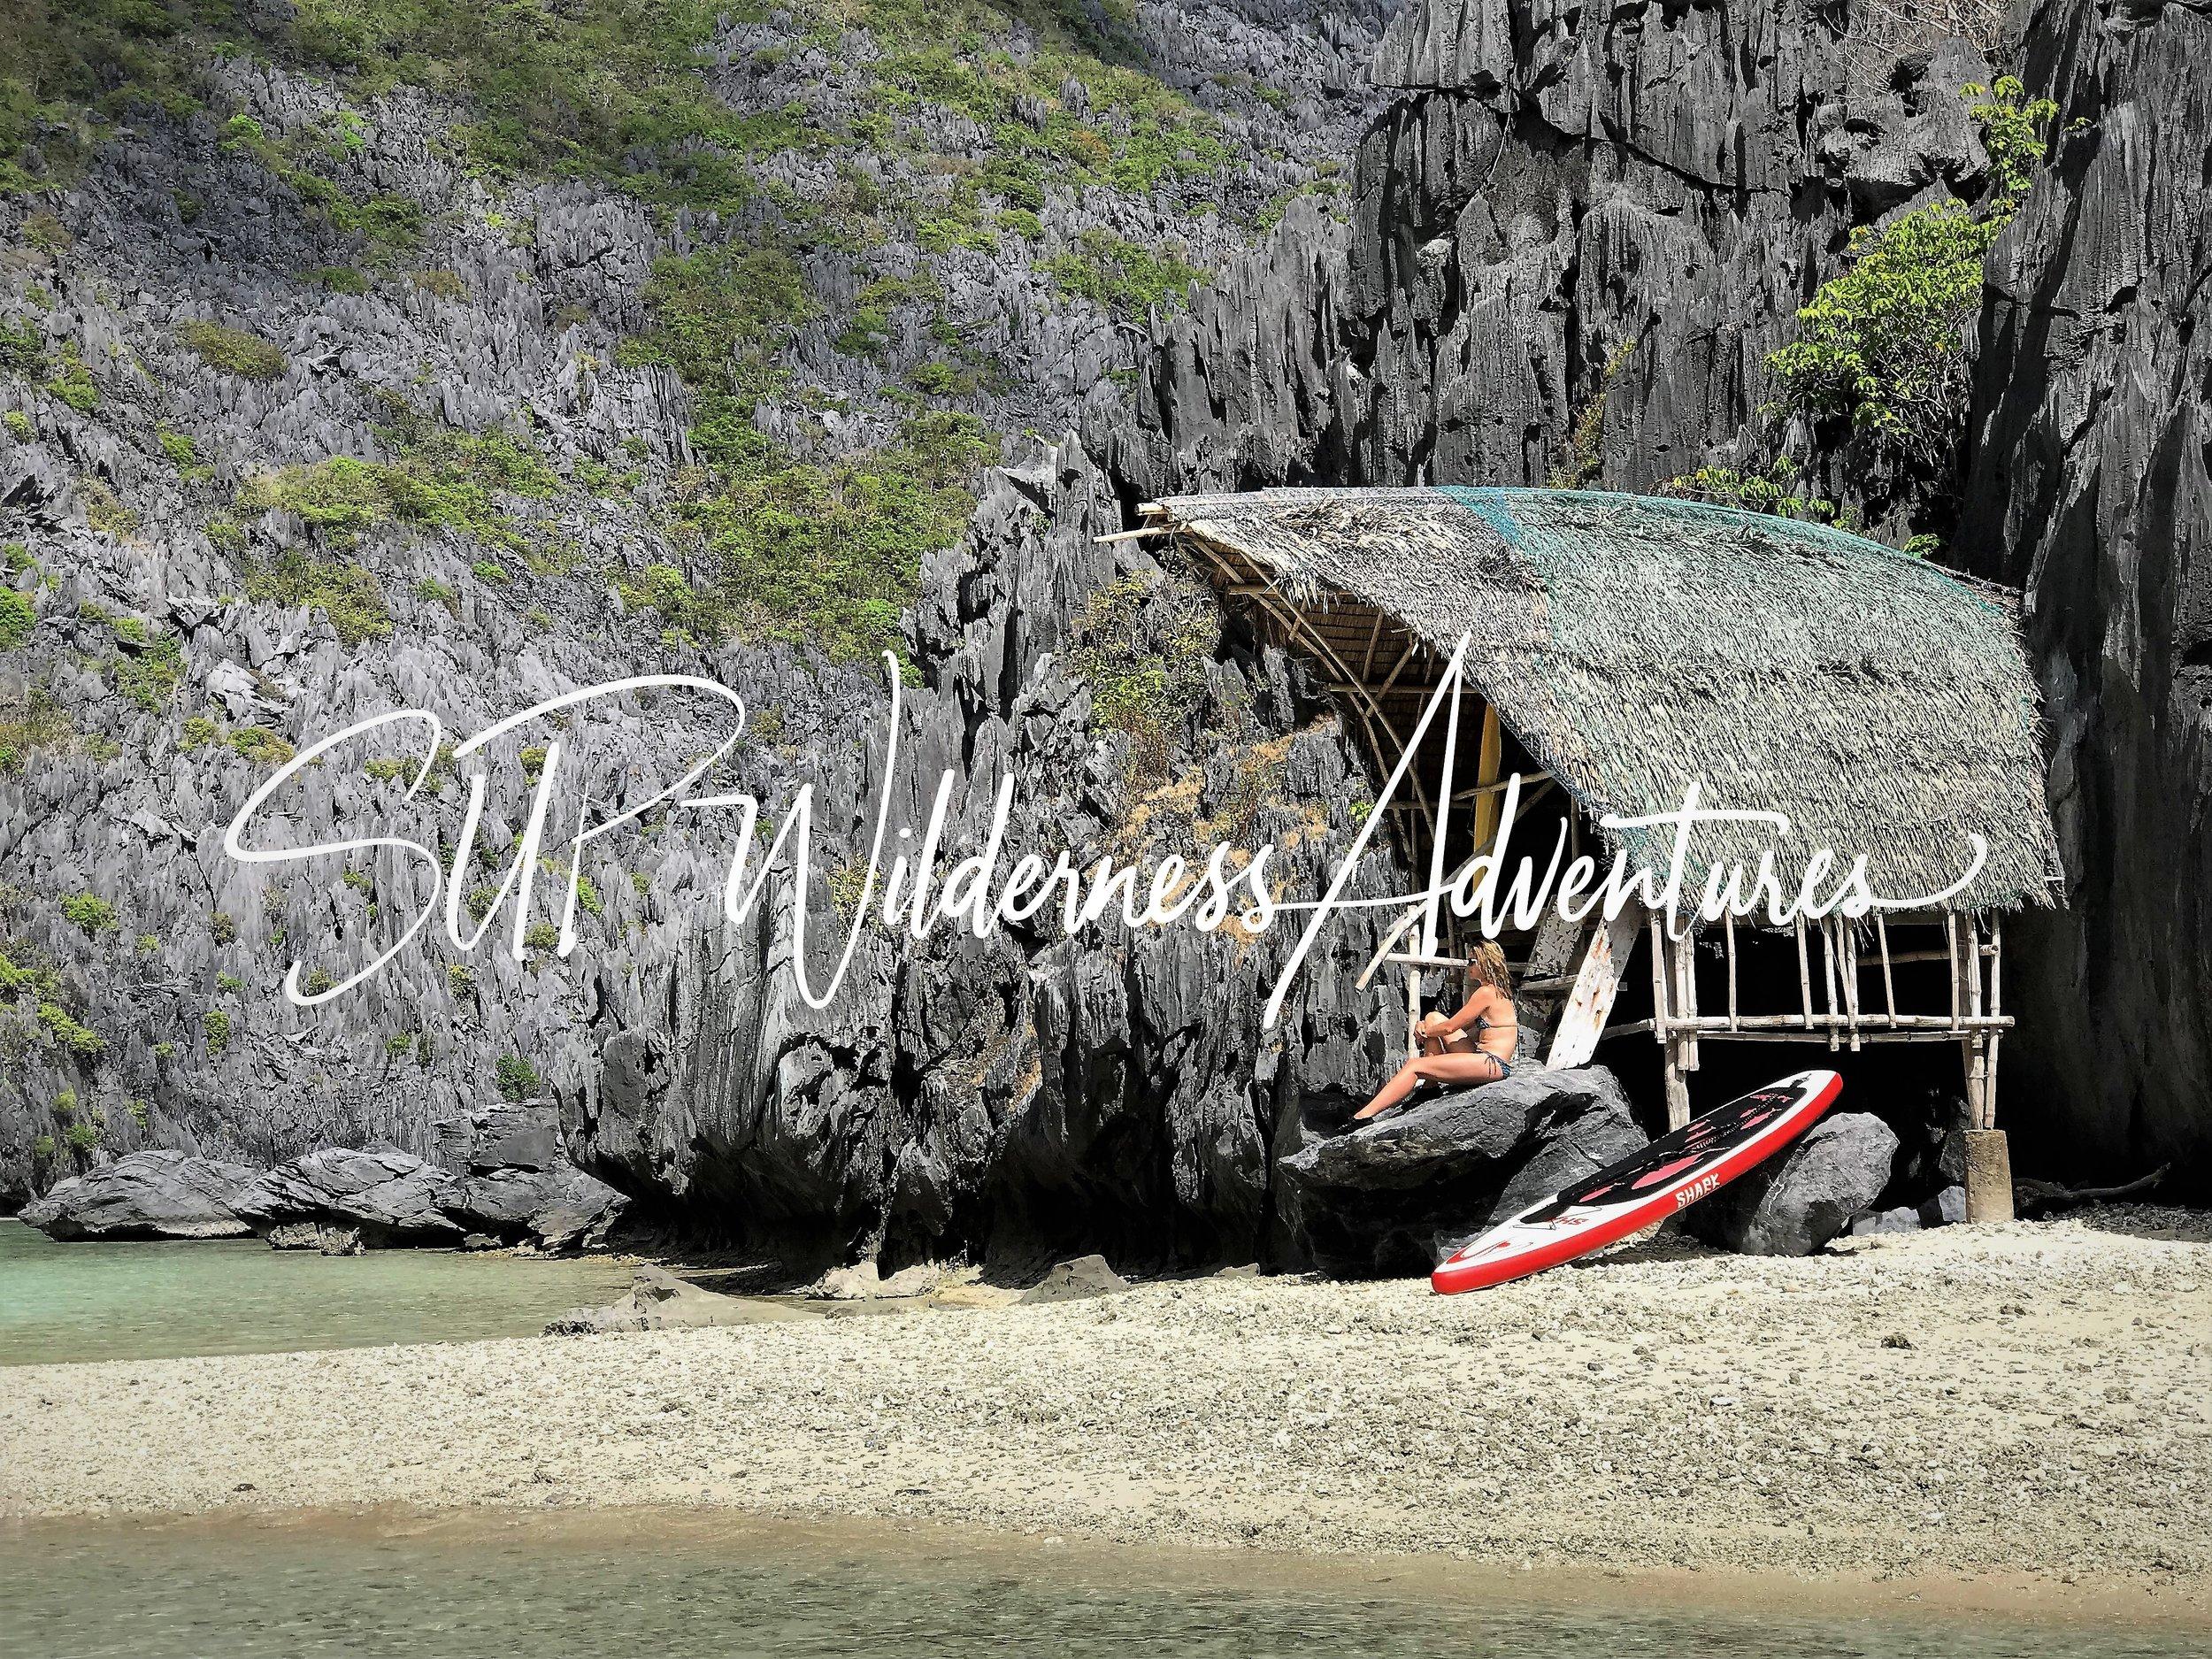 SUP Wilderness Adventures Philippines 2018.JPG